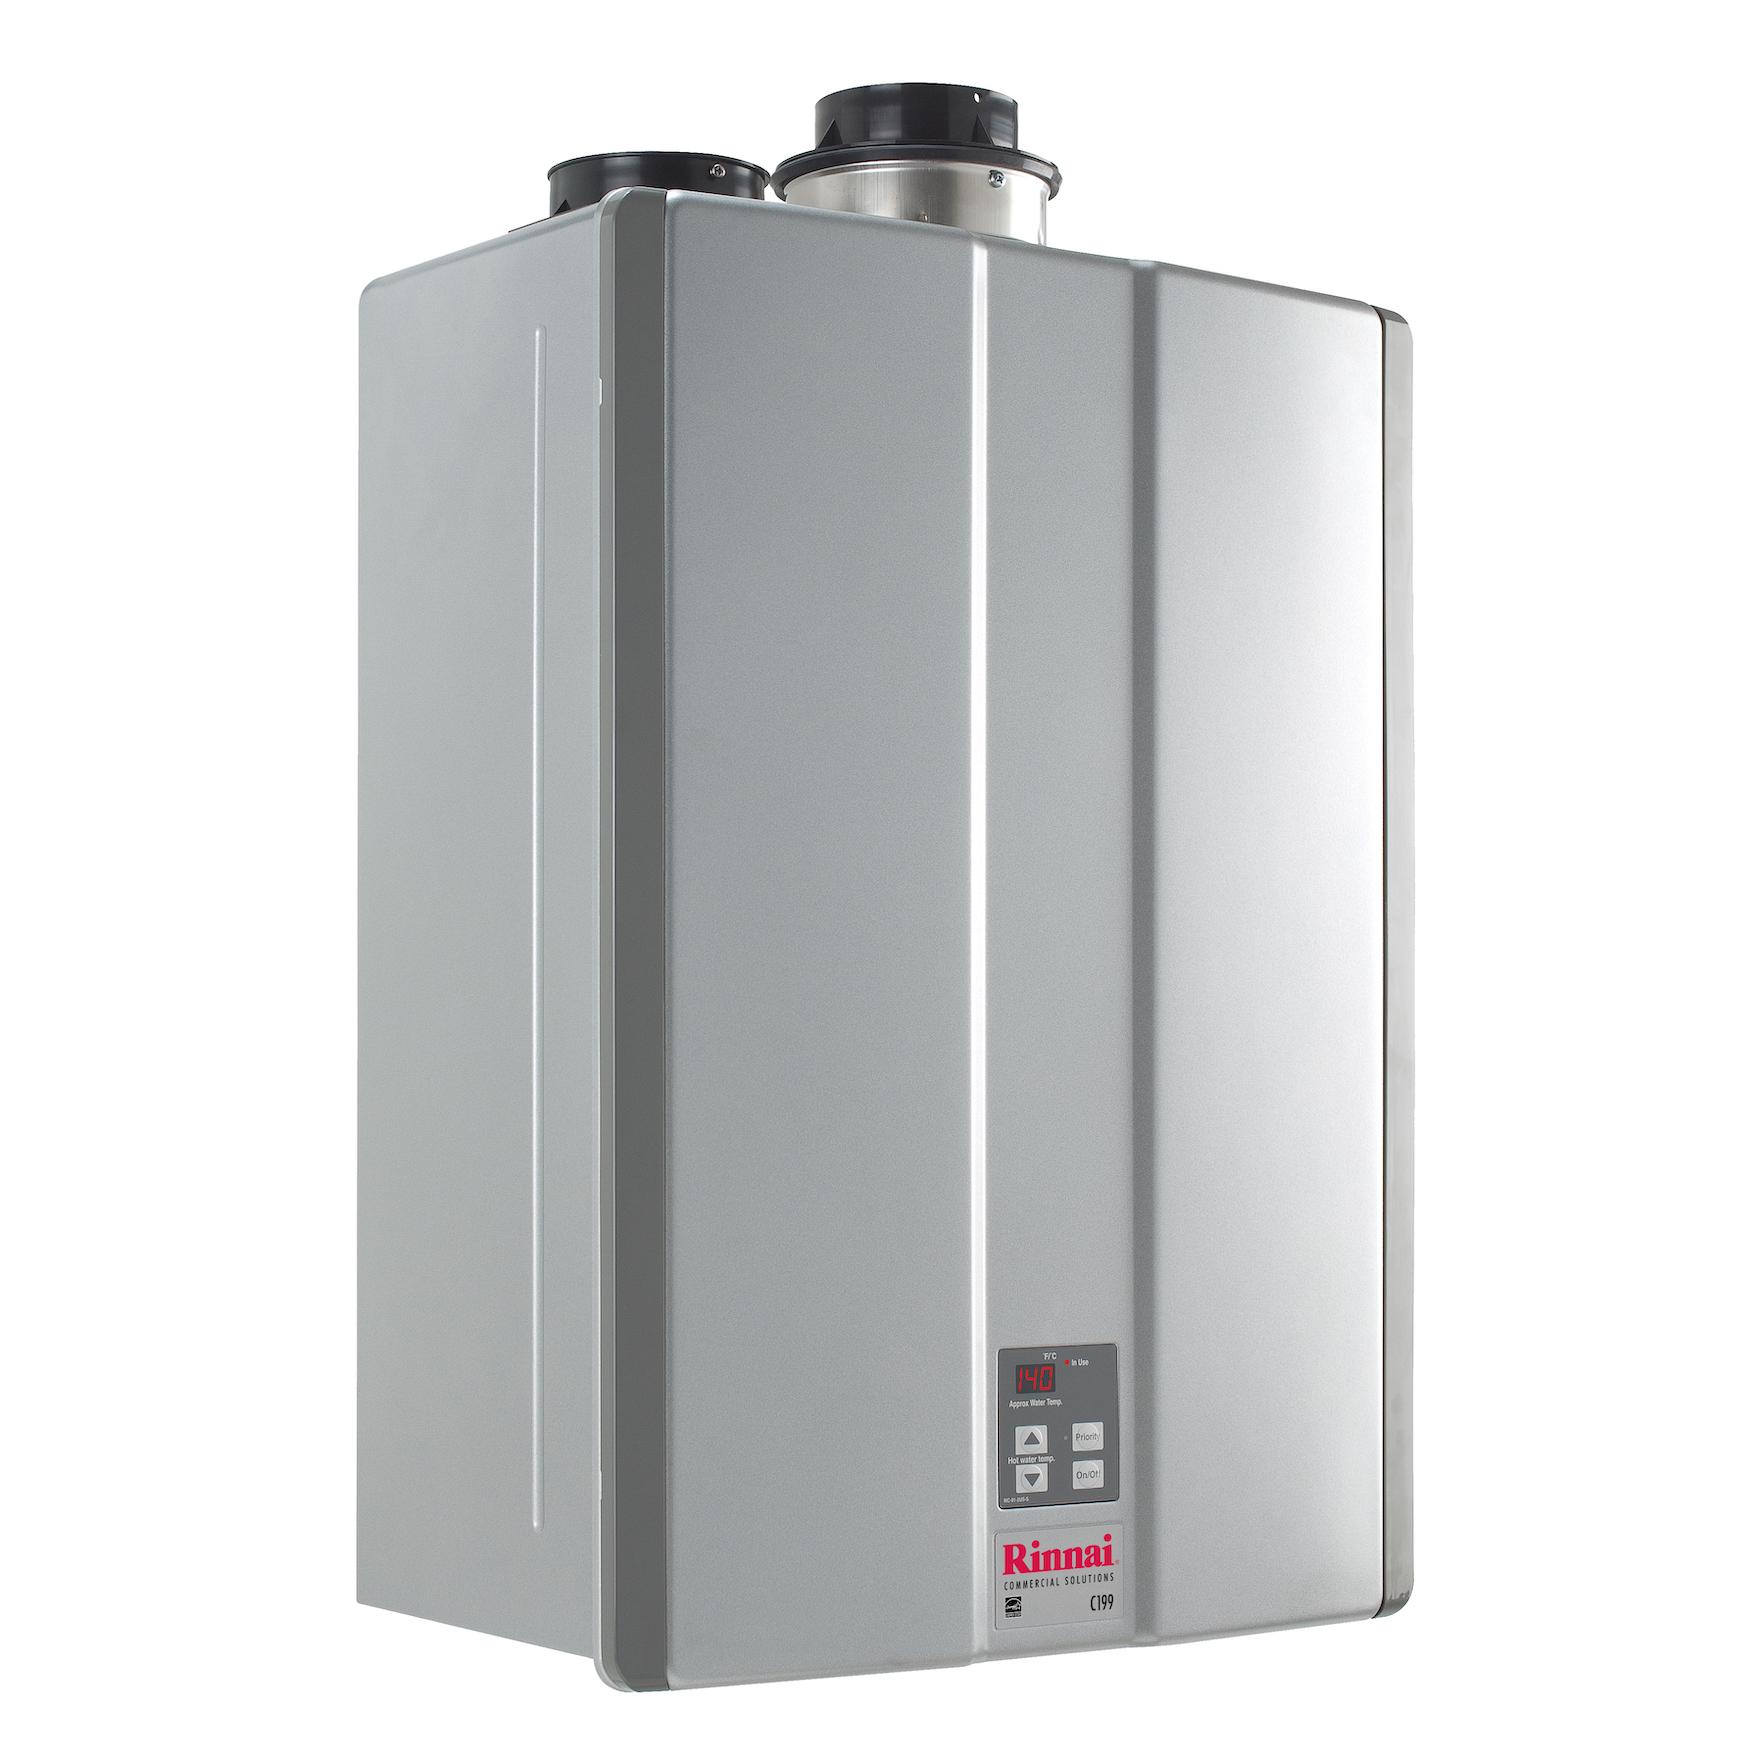 Rinnai Condensing Tankless Water Heater Ru160 Sensi